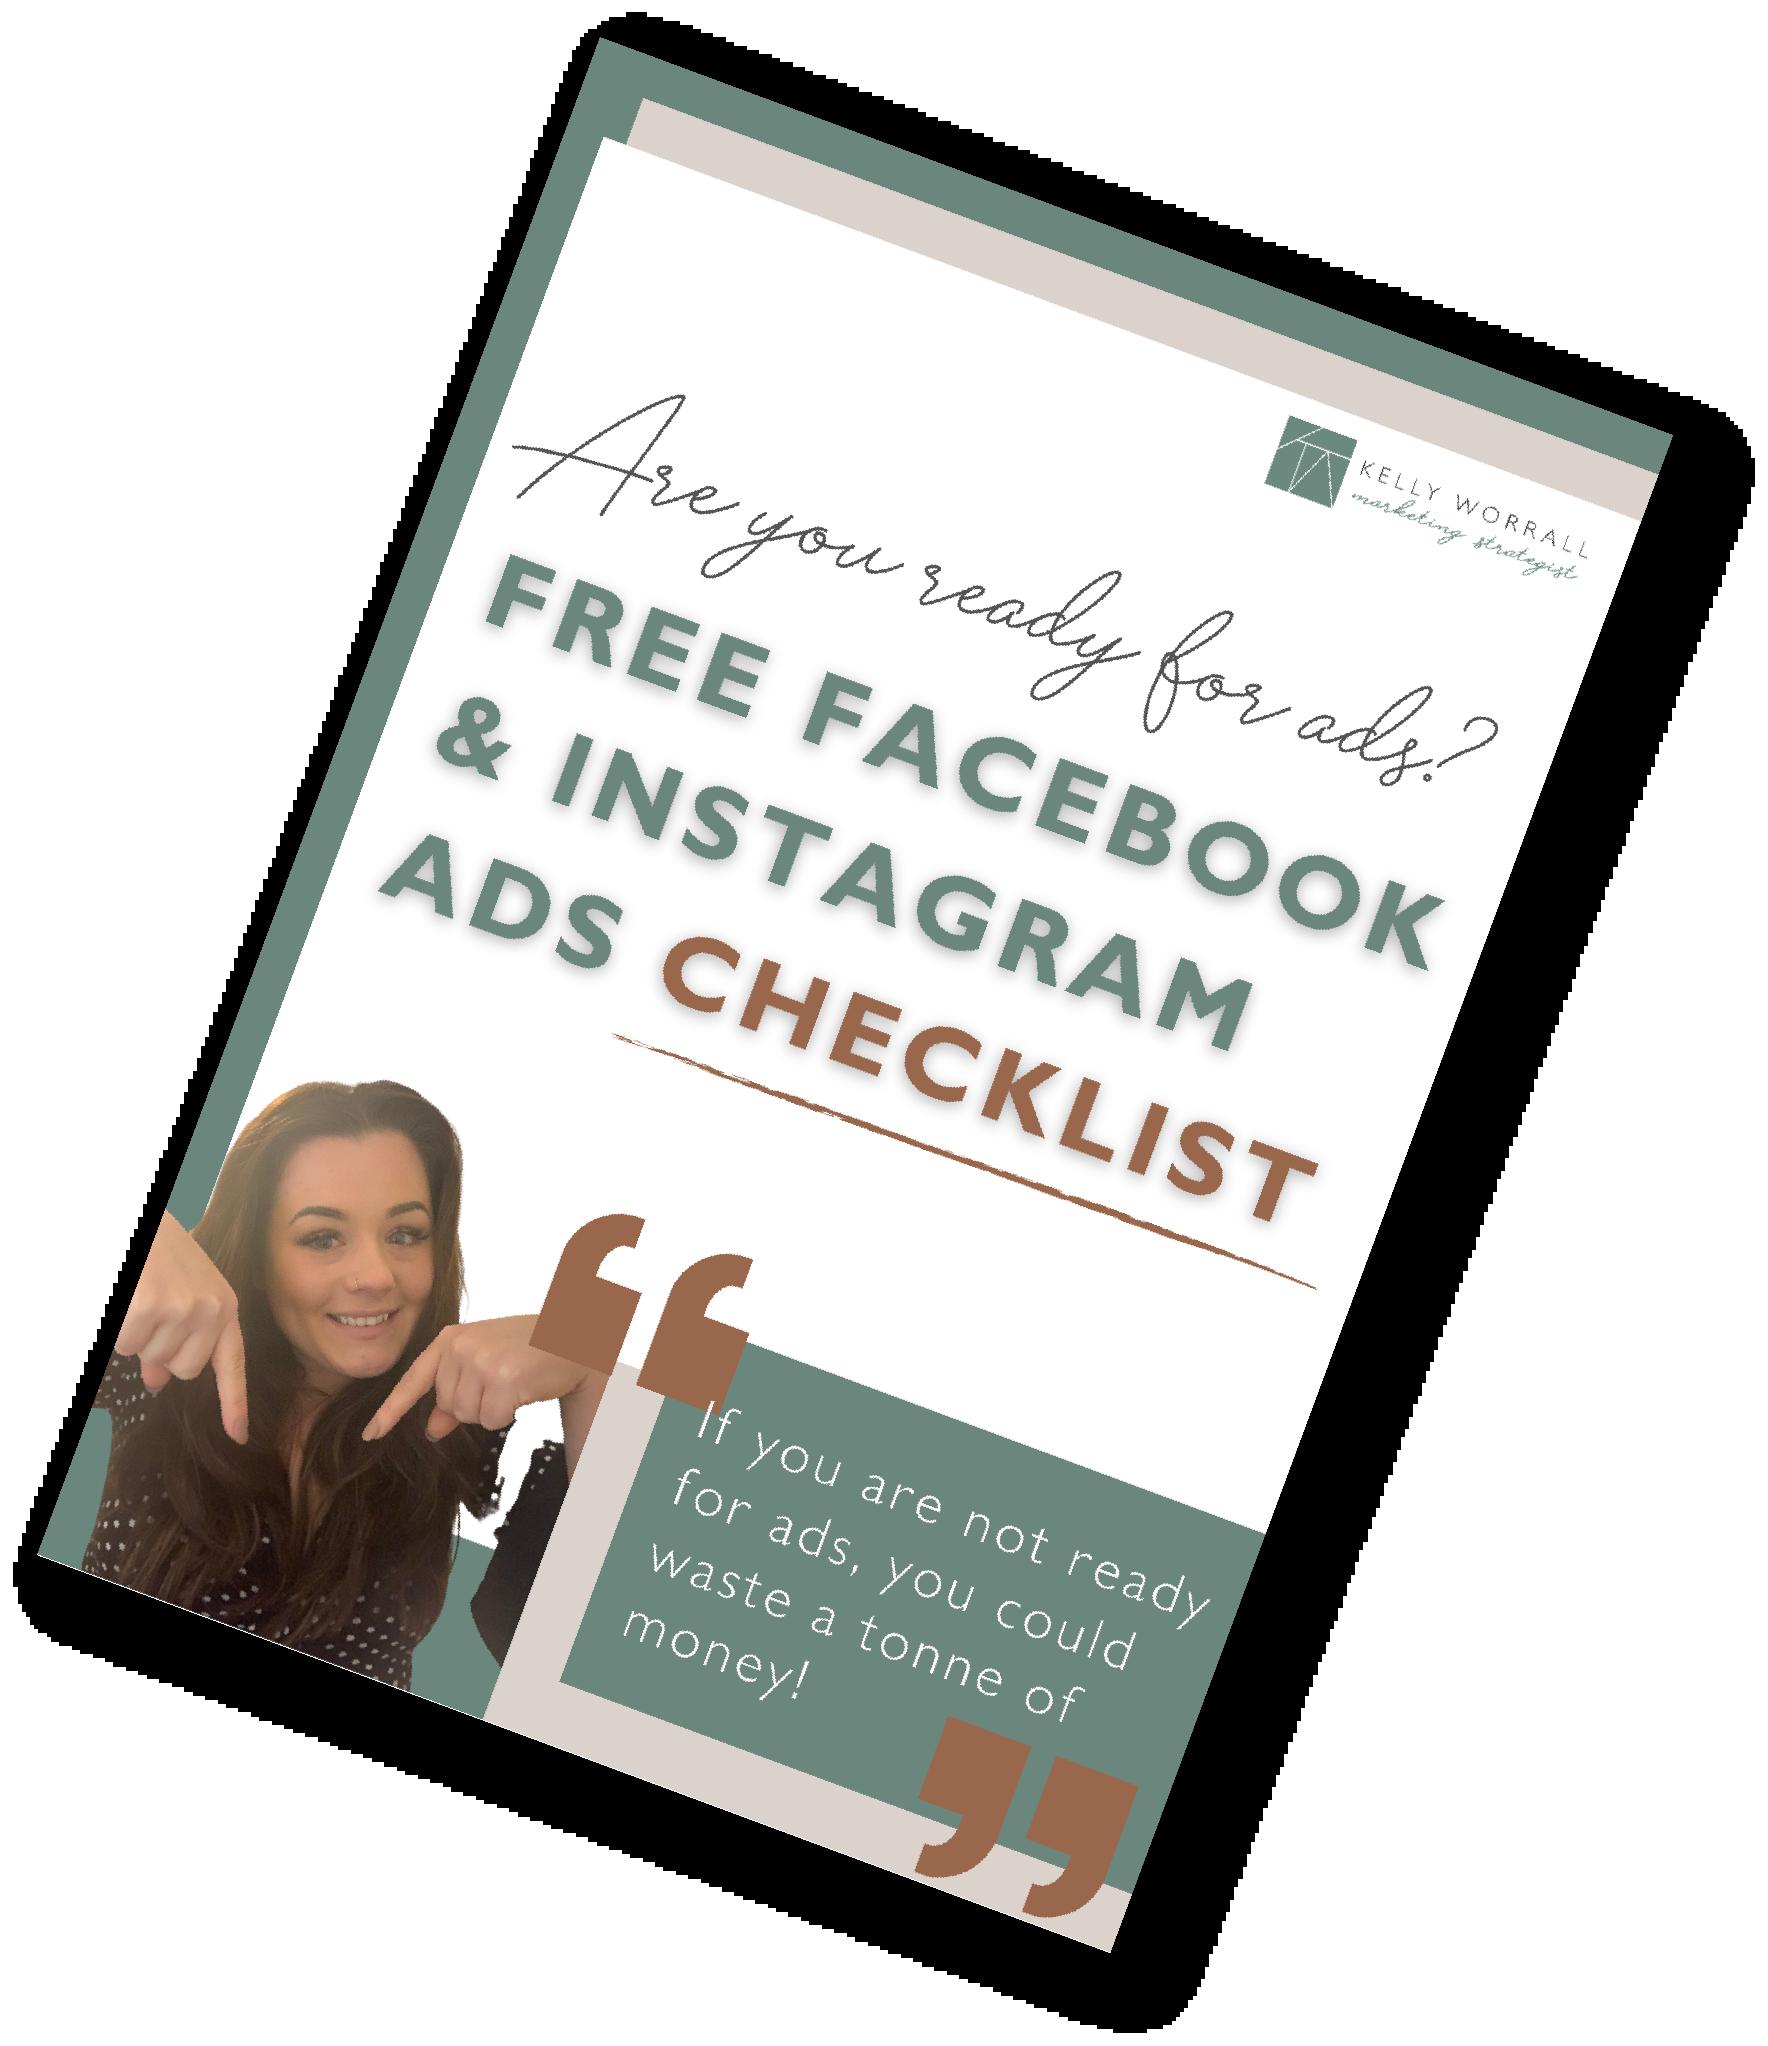 Facebook And Instagram Ads Checklist